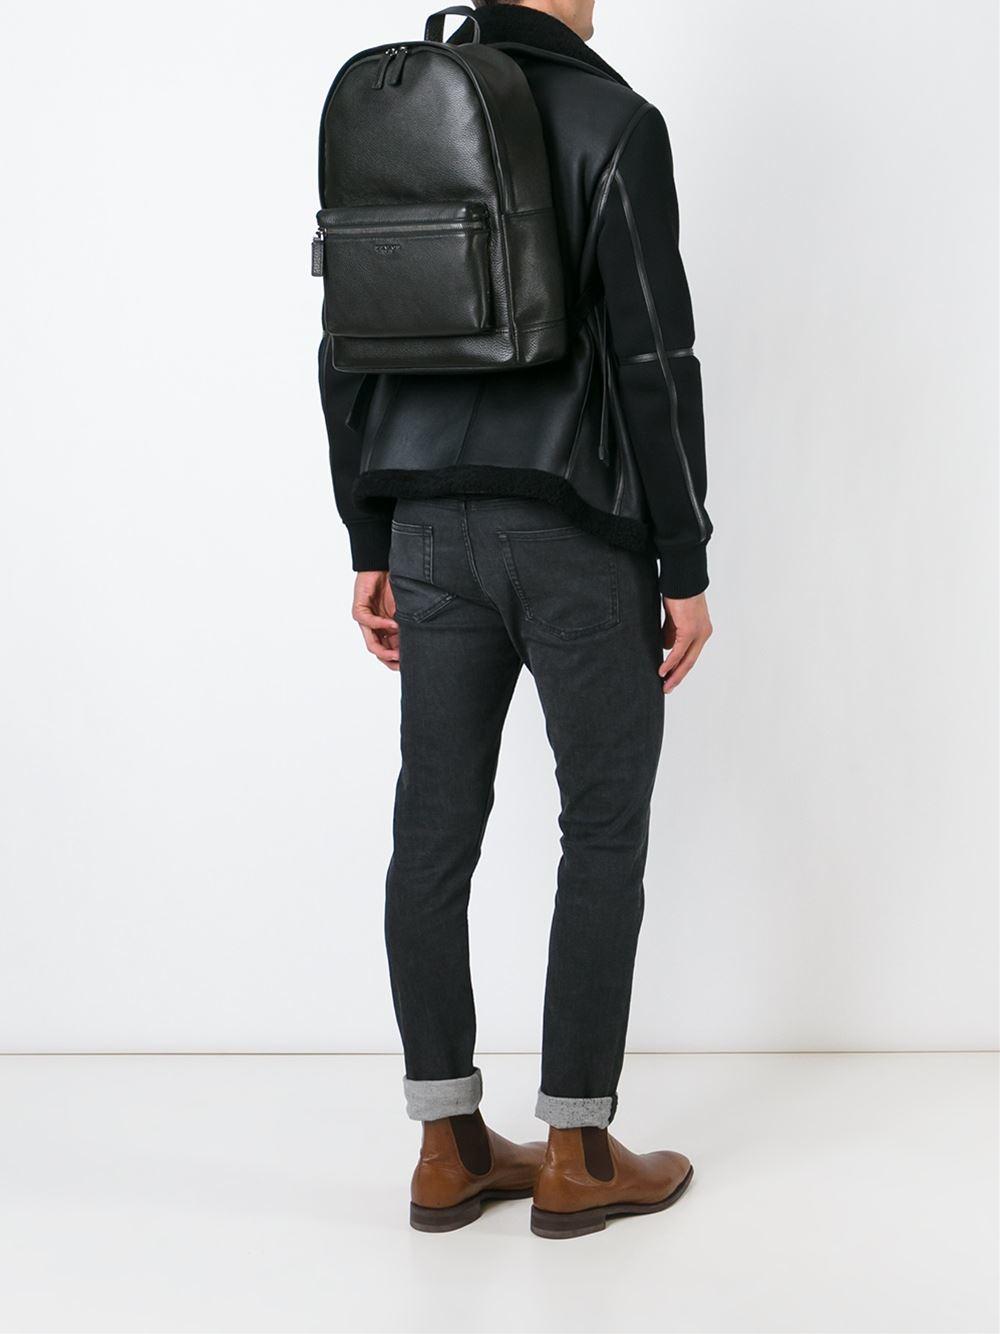 5e5cd32dbea3d7 Michael Kors 'bryant' Backpack in Black for Men - Lyst